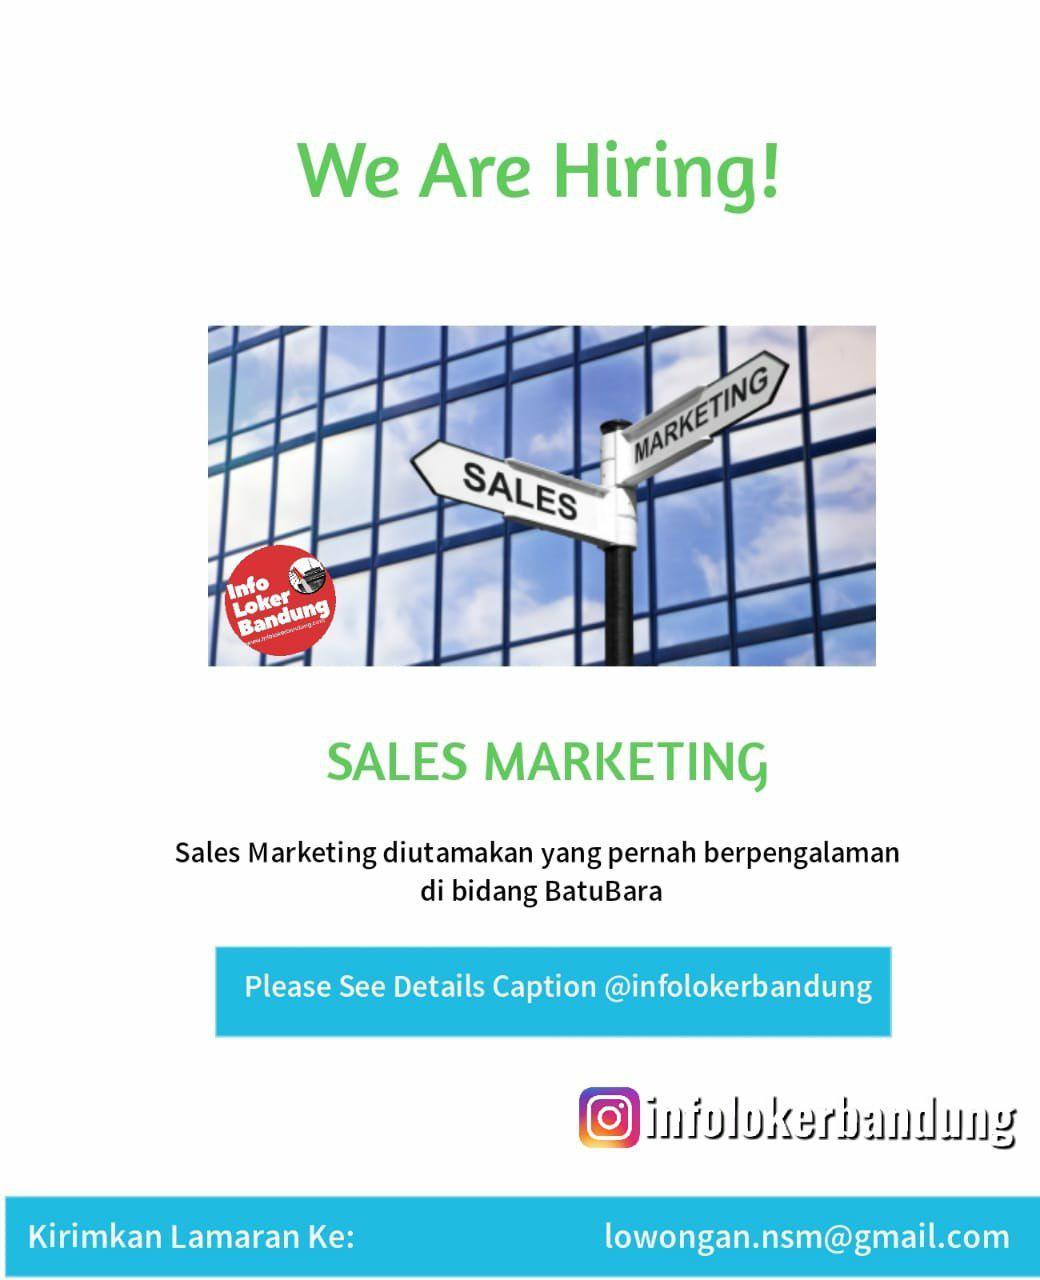 Lowongan Kerja Sales Marketing Niaga Sejahtera Makmur Bandung Desember 2019